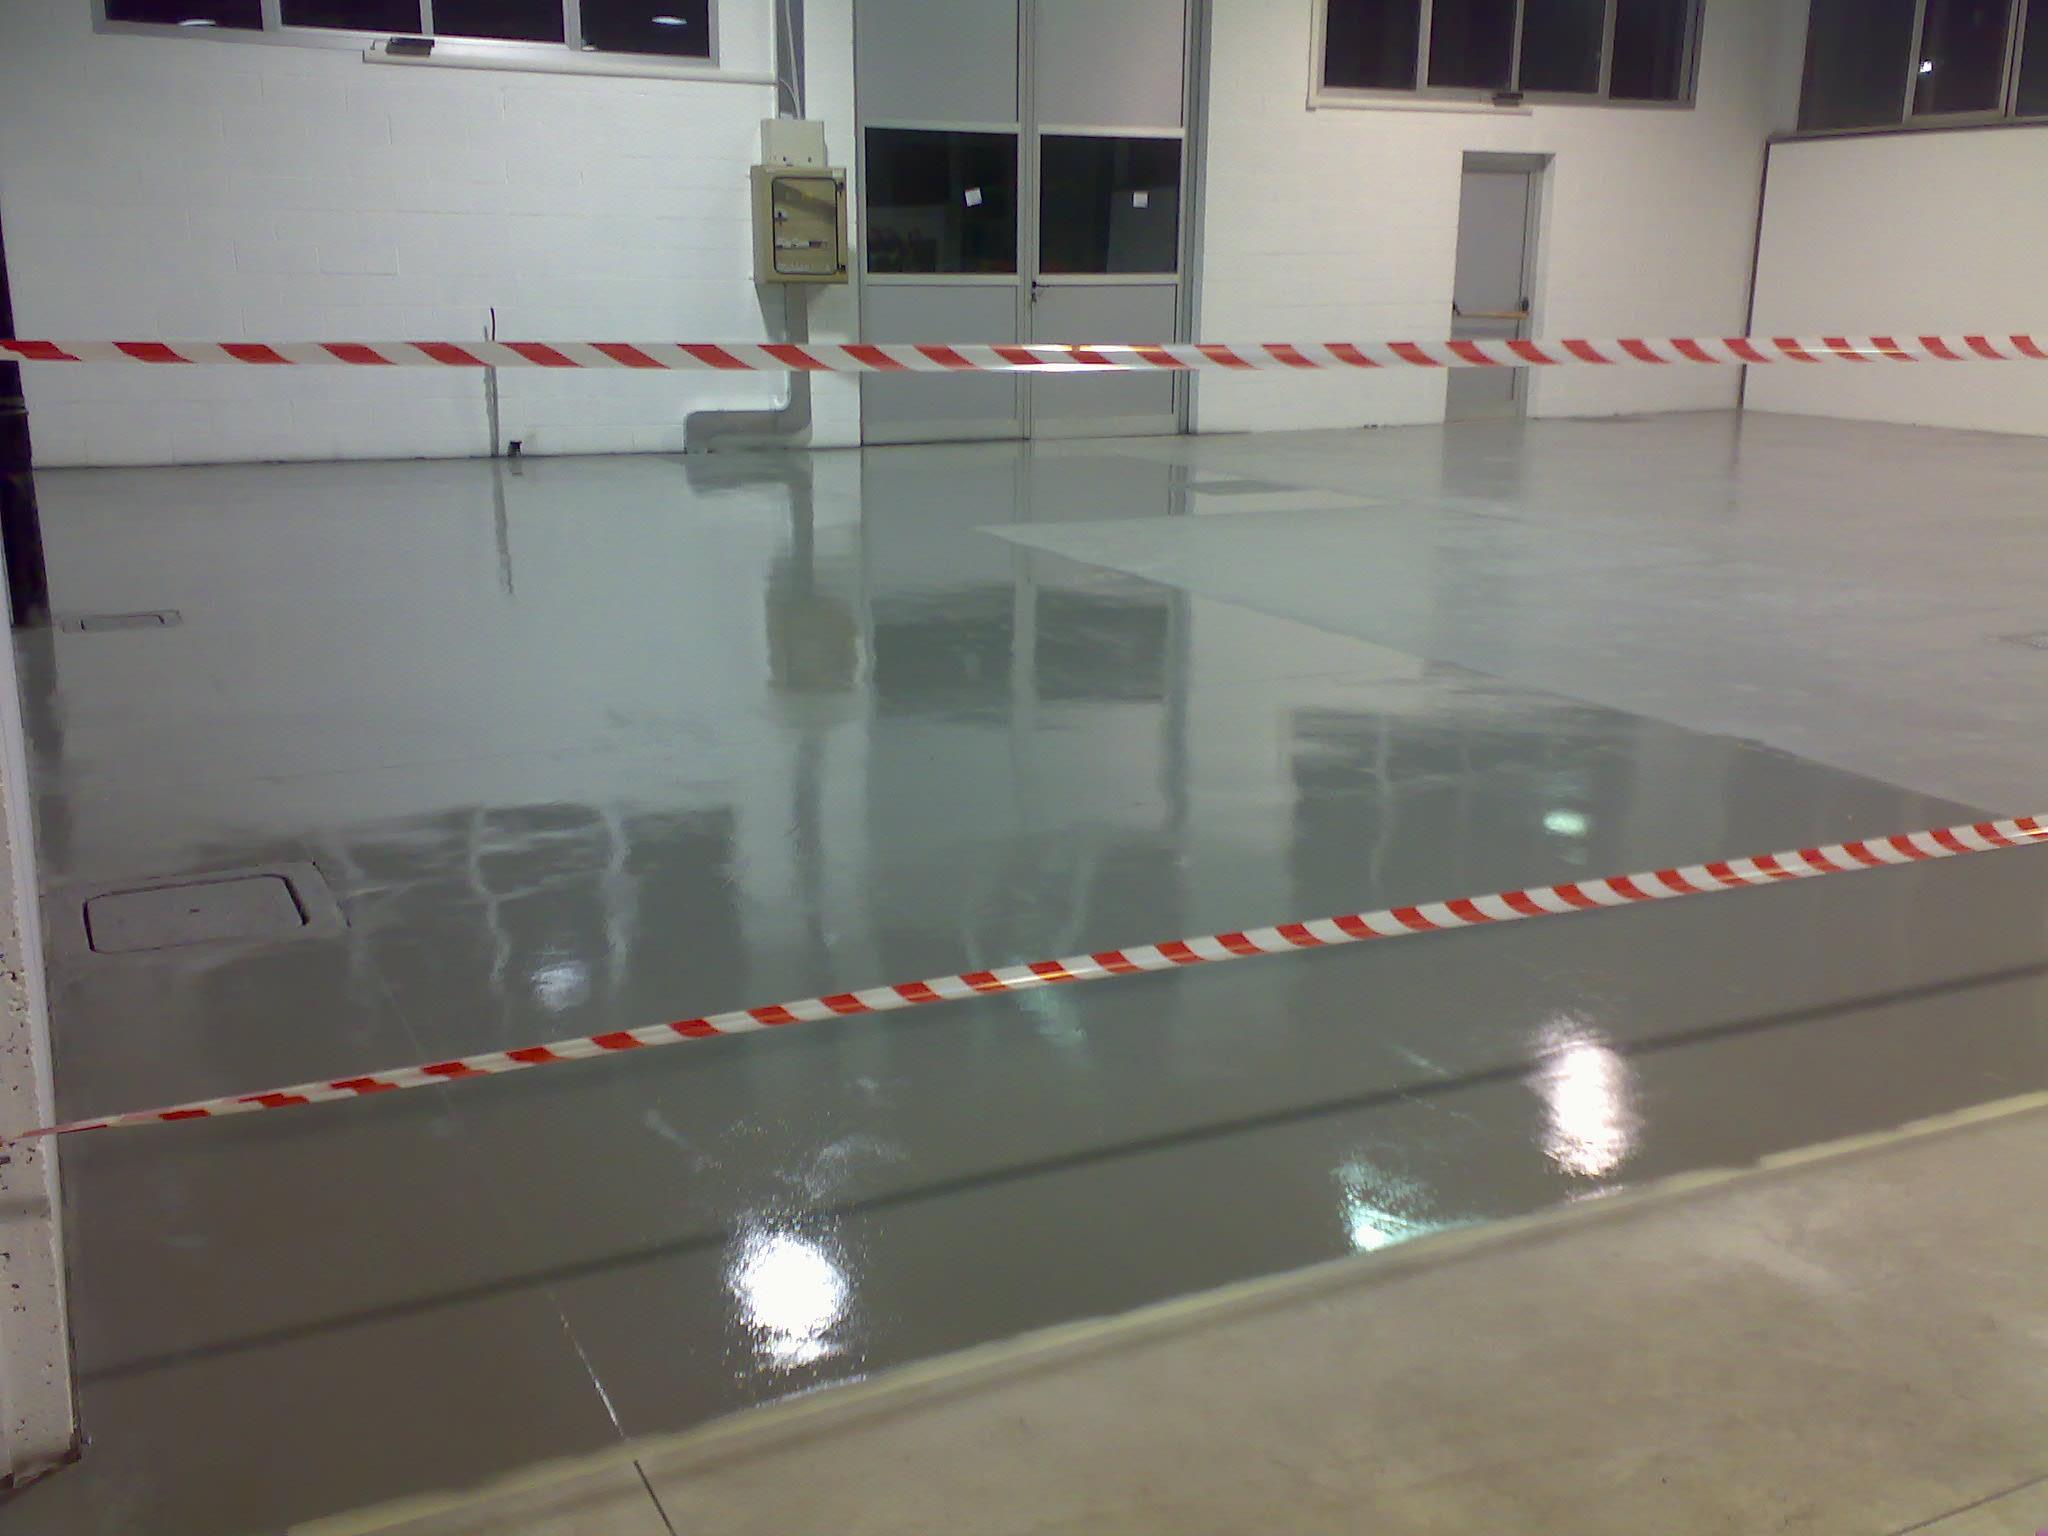 vernicitaura pavimenti con resaine epossidiche carrabili altamente resistenti